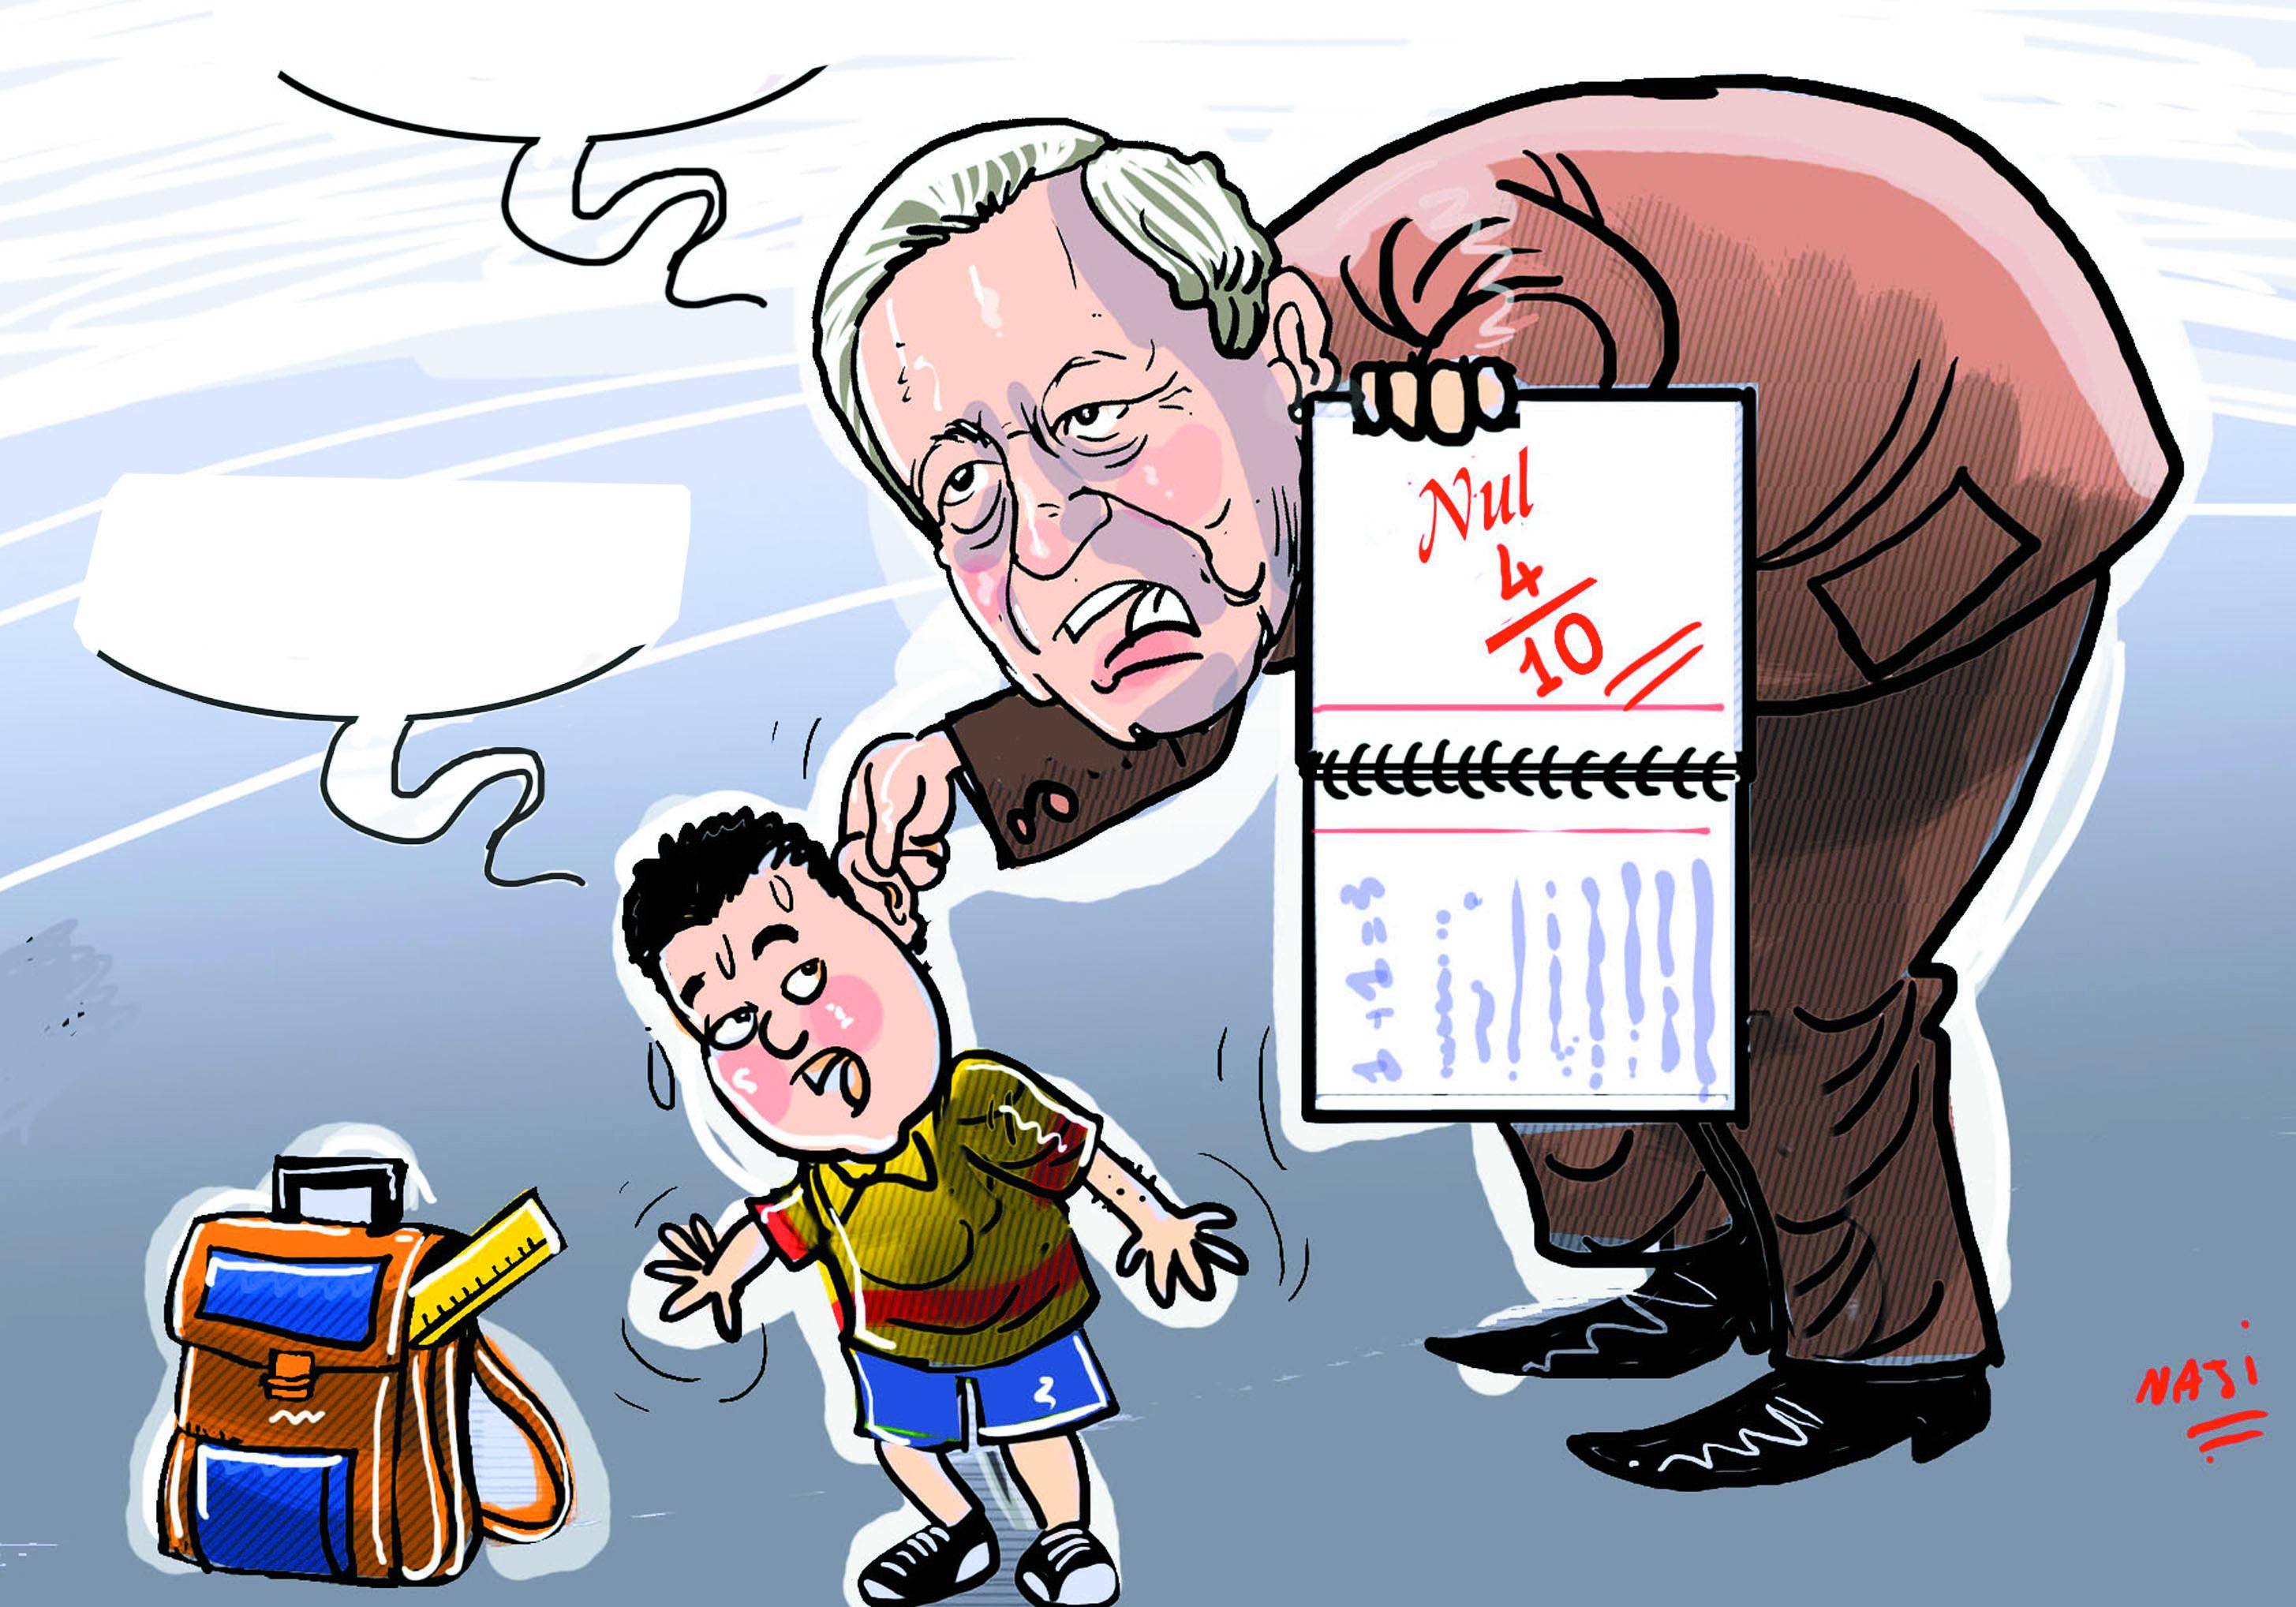 L'interminable surfing de Belmokhtar sur de pseudo-réformes